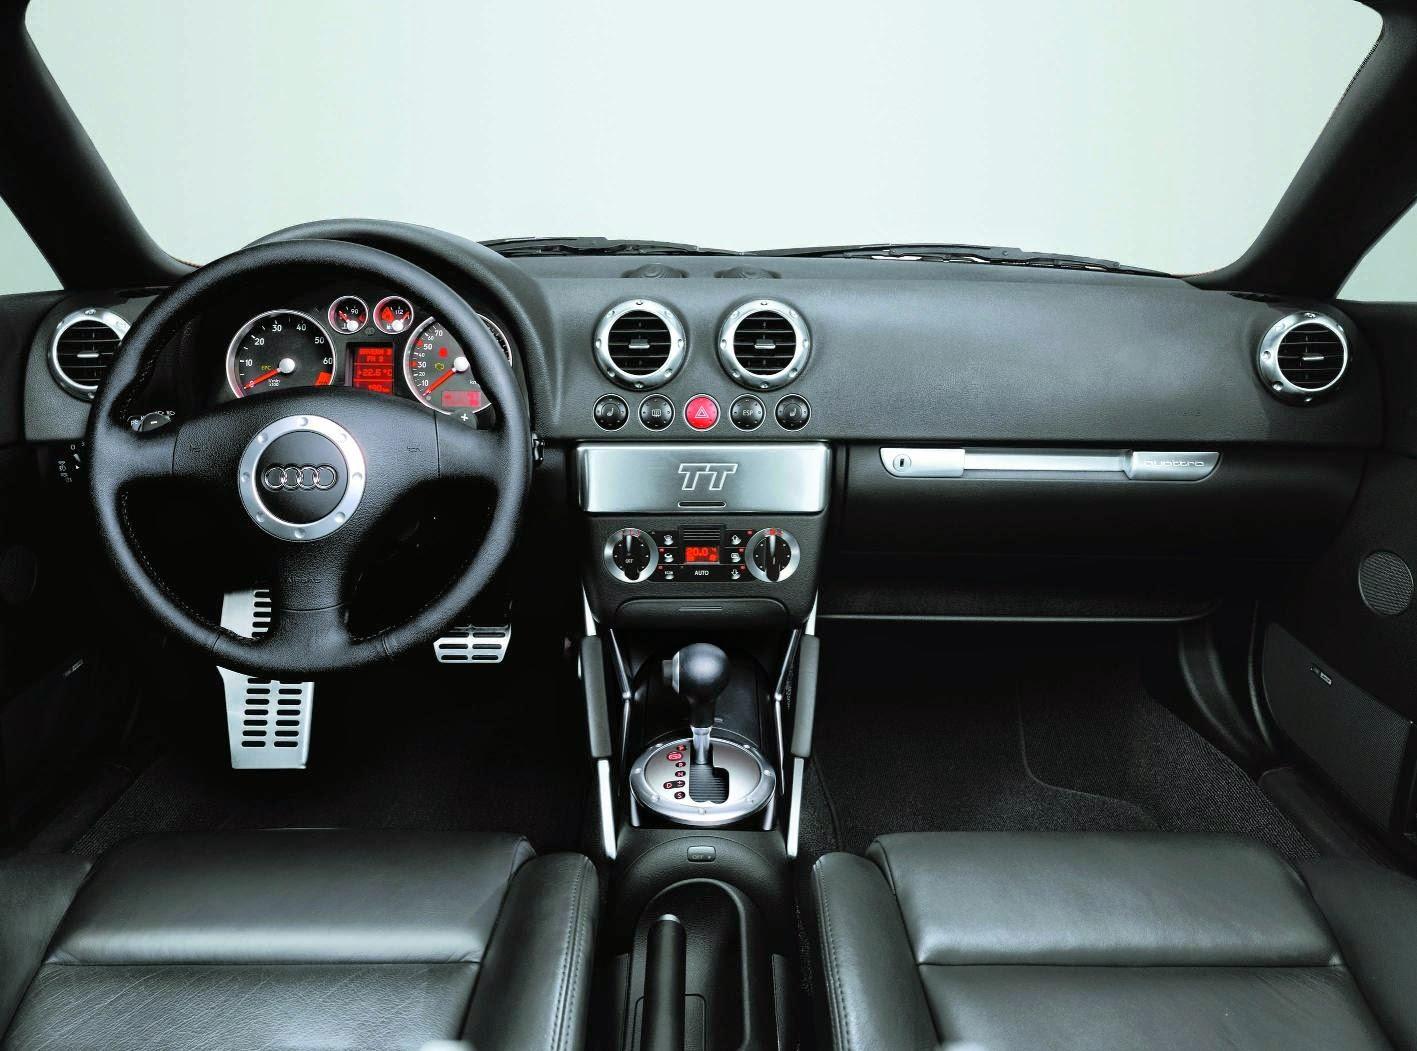 Audi TT interior with DSG gearbox